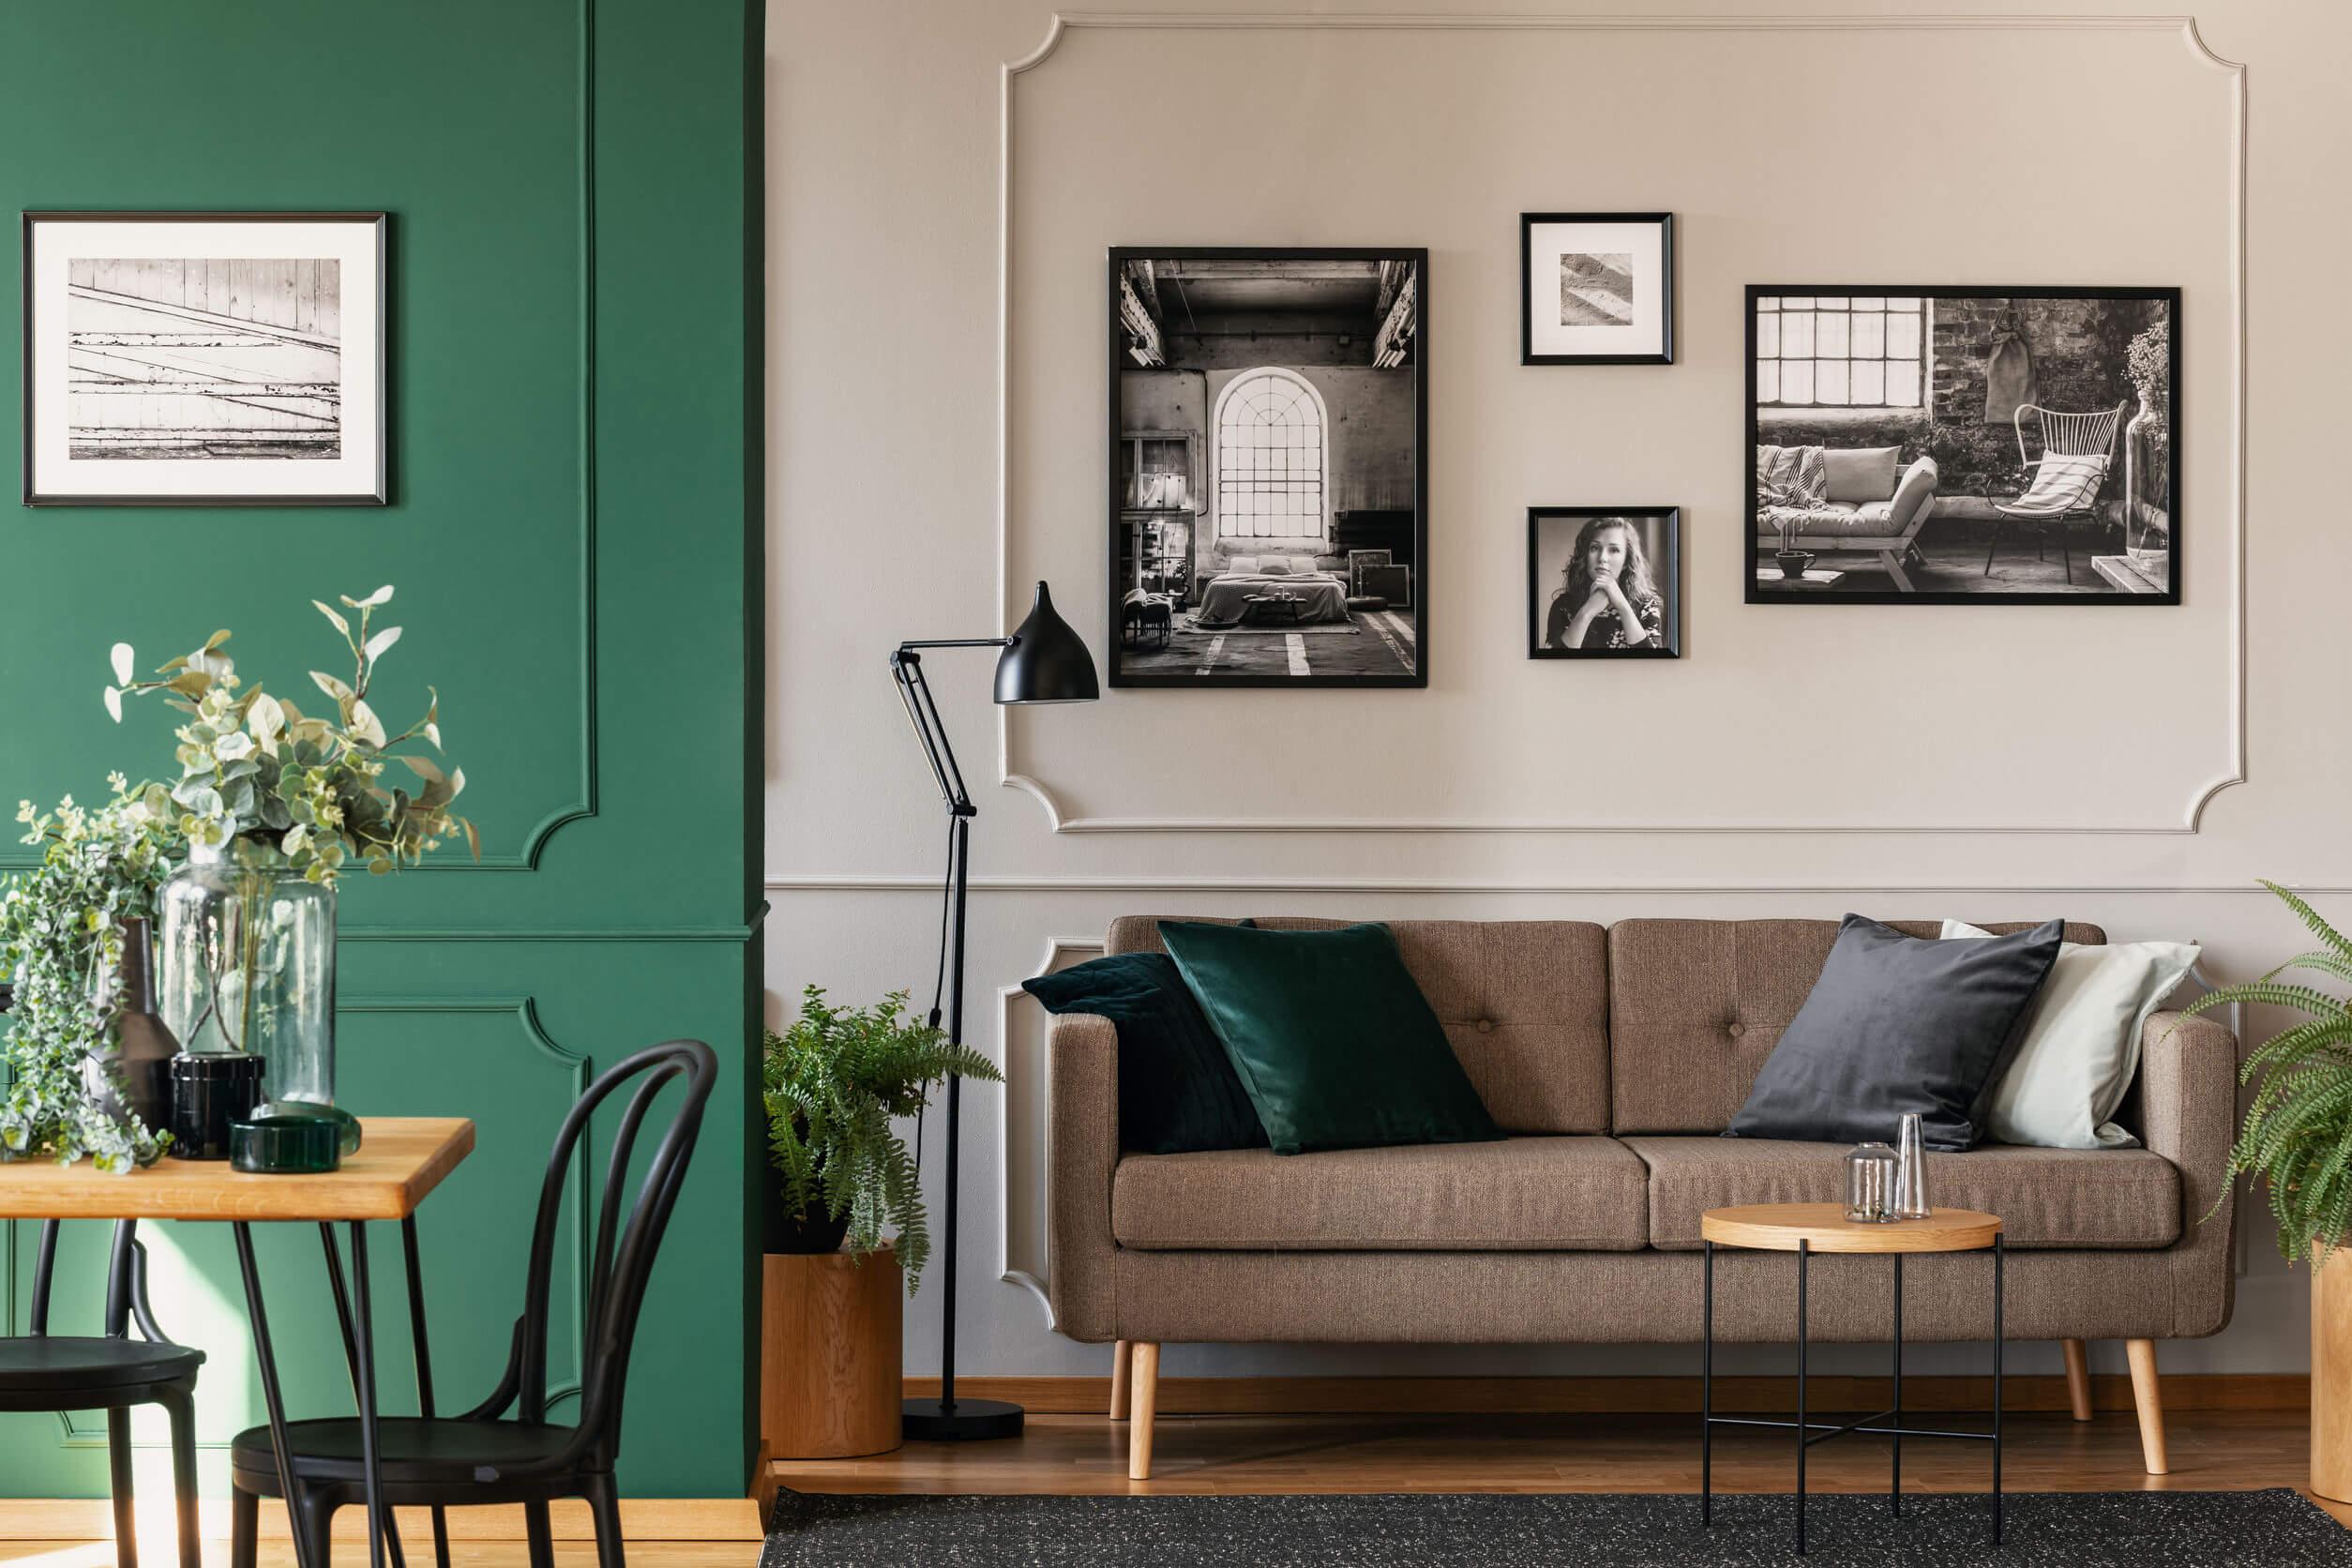 Dale a tu casa un plus de color con la pintura sectorizada